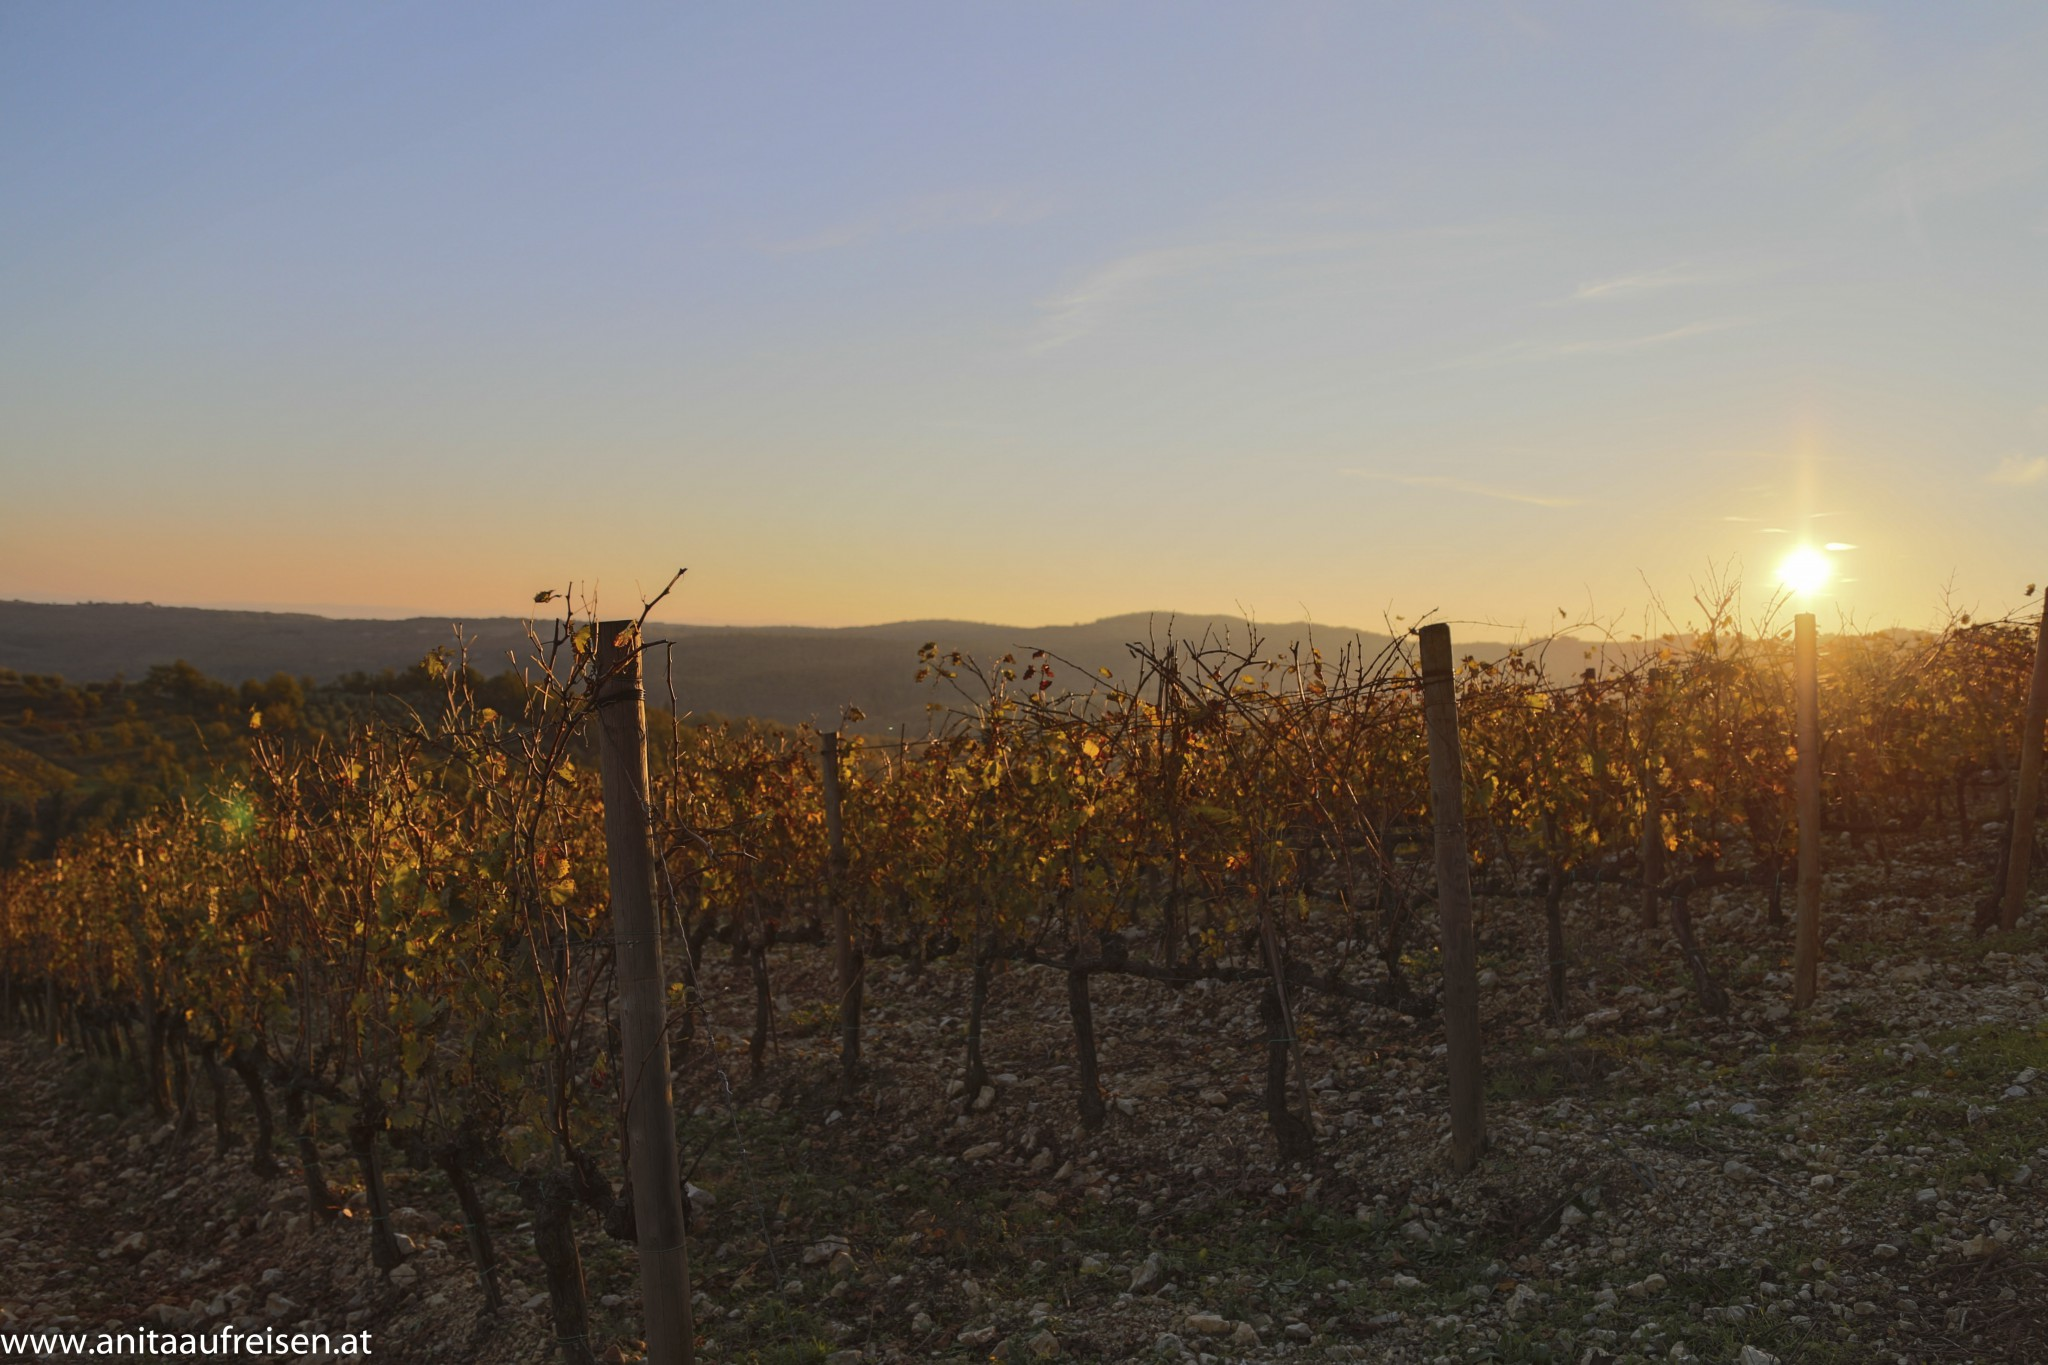 Herbsturlaub in der Toskana, Montebuoni, Foto www.anitaaufreisen.at